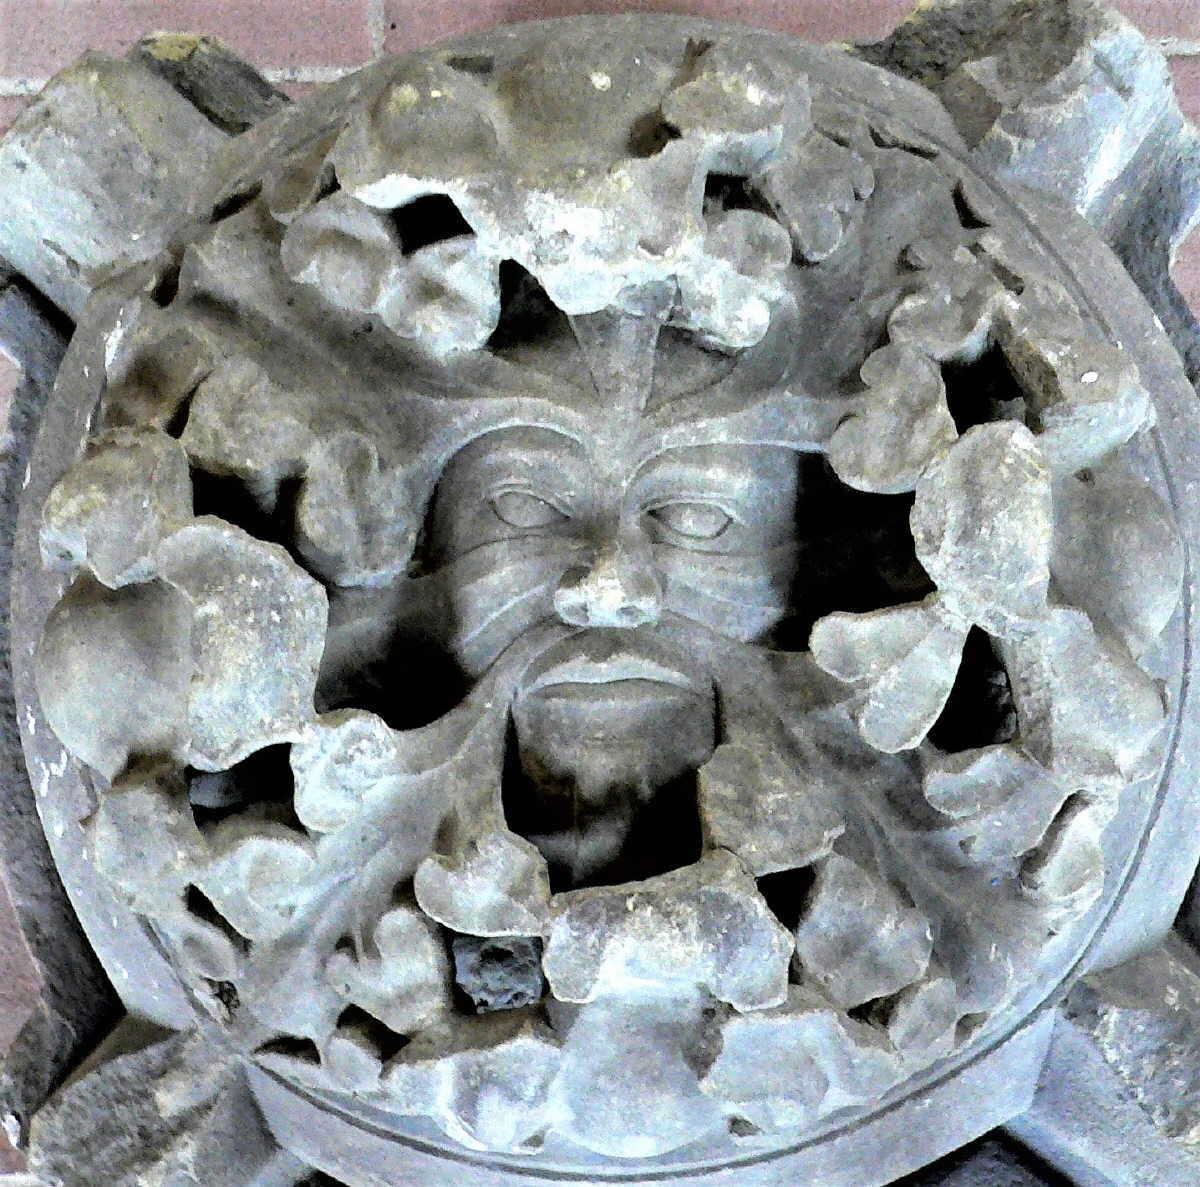 Der sogenannte Masken-Schlussstein ist nur eines der zahlreichen Exponate aus der Kunstsammlung Lorenzkapelle. Foto: Hak Design